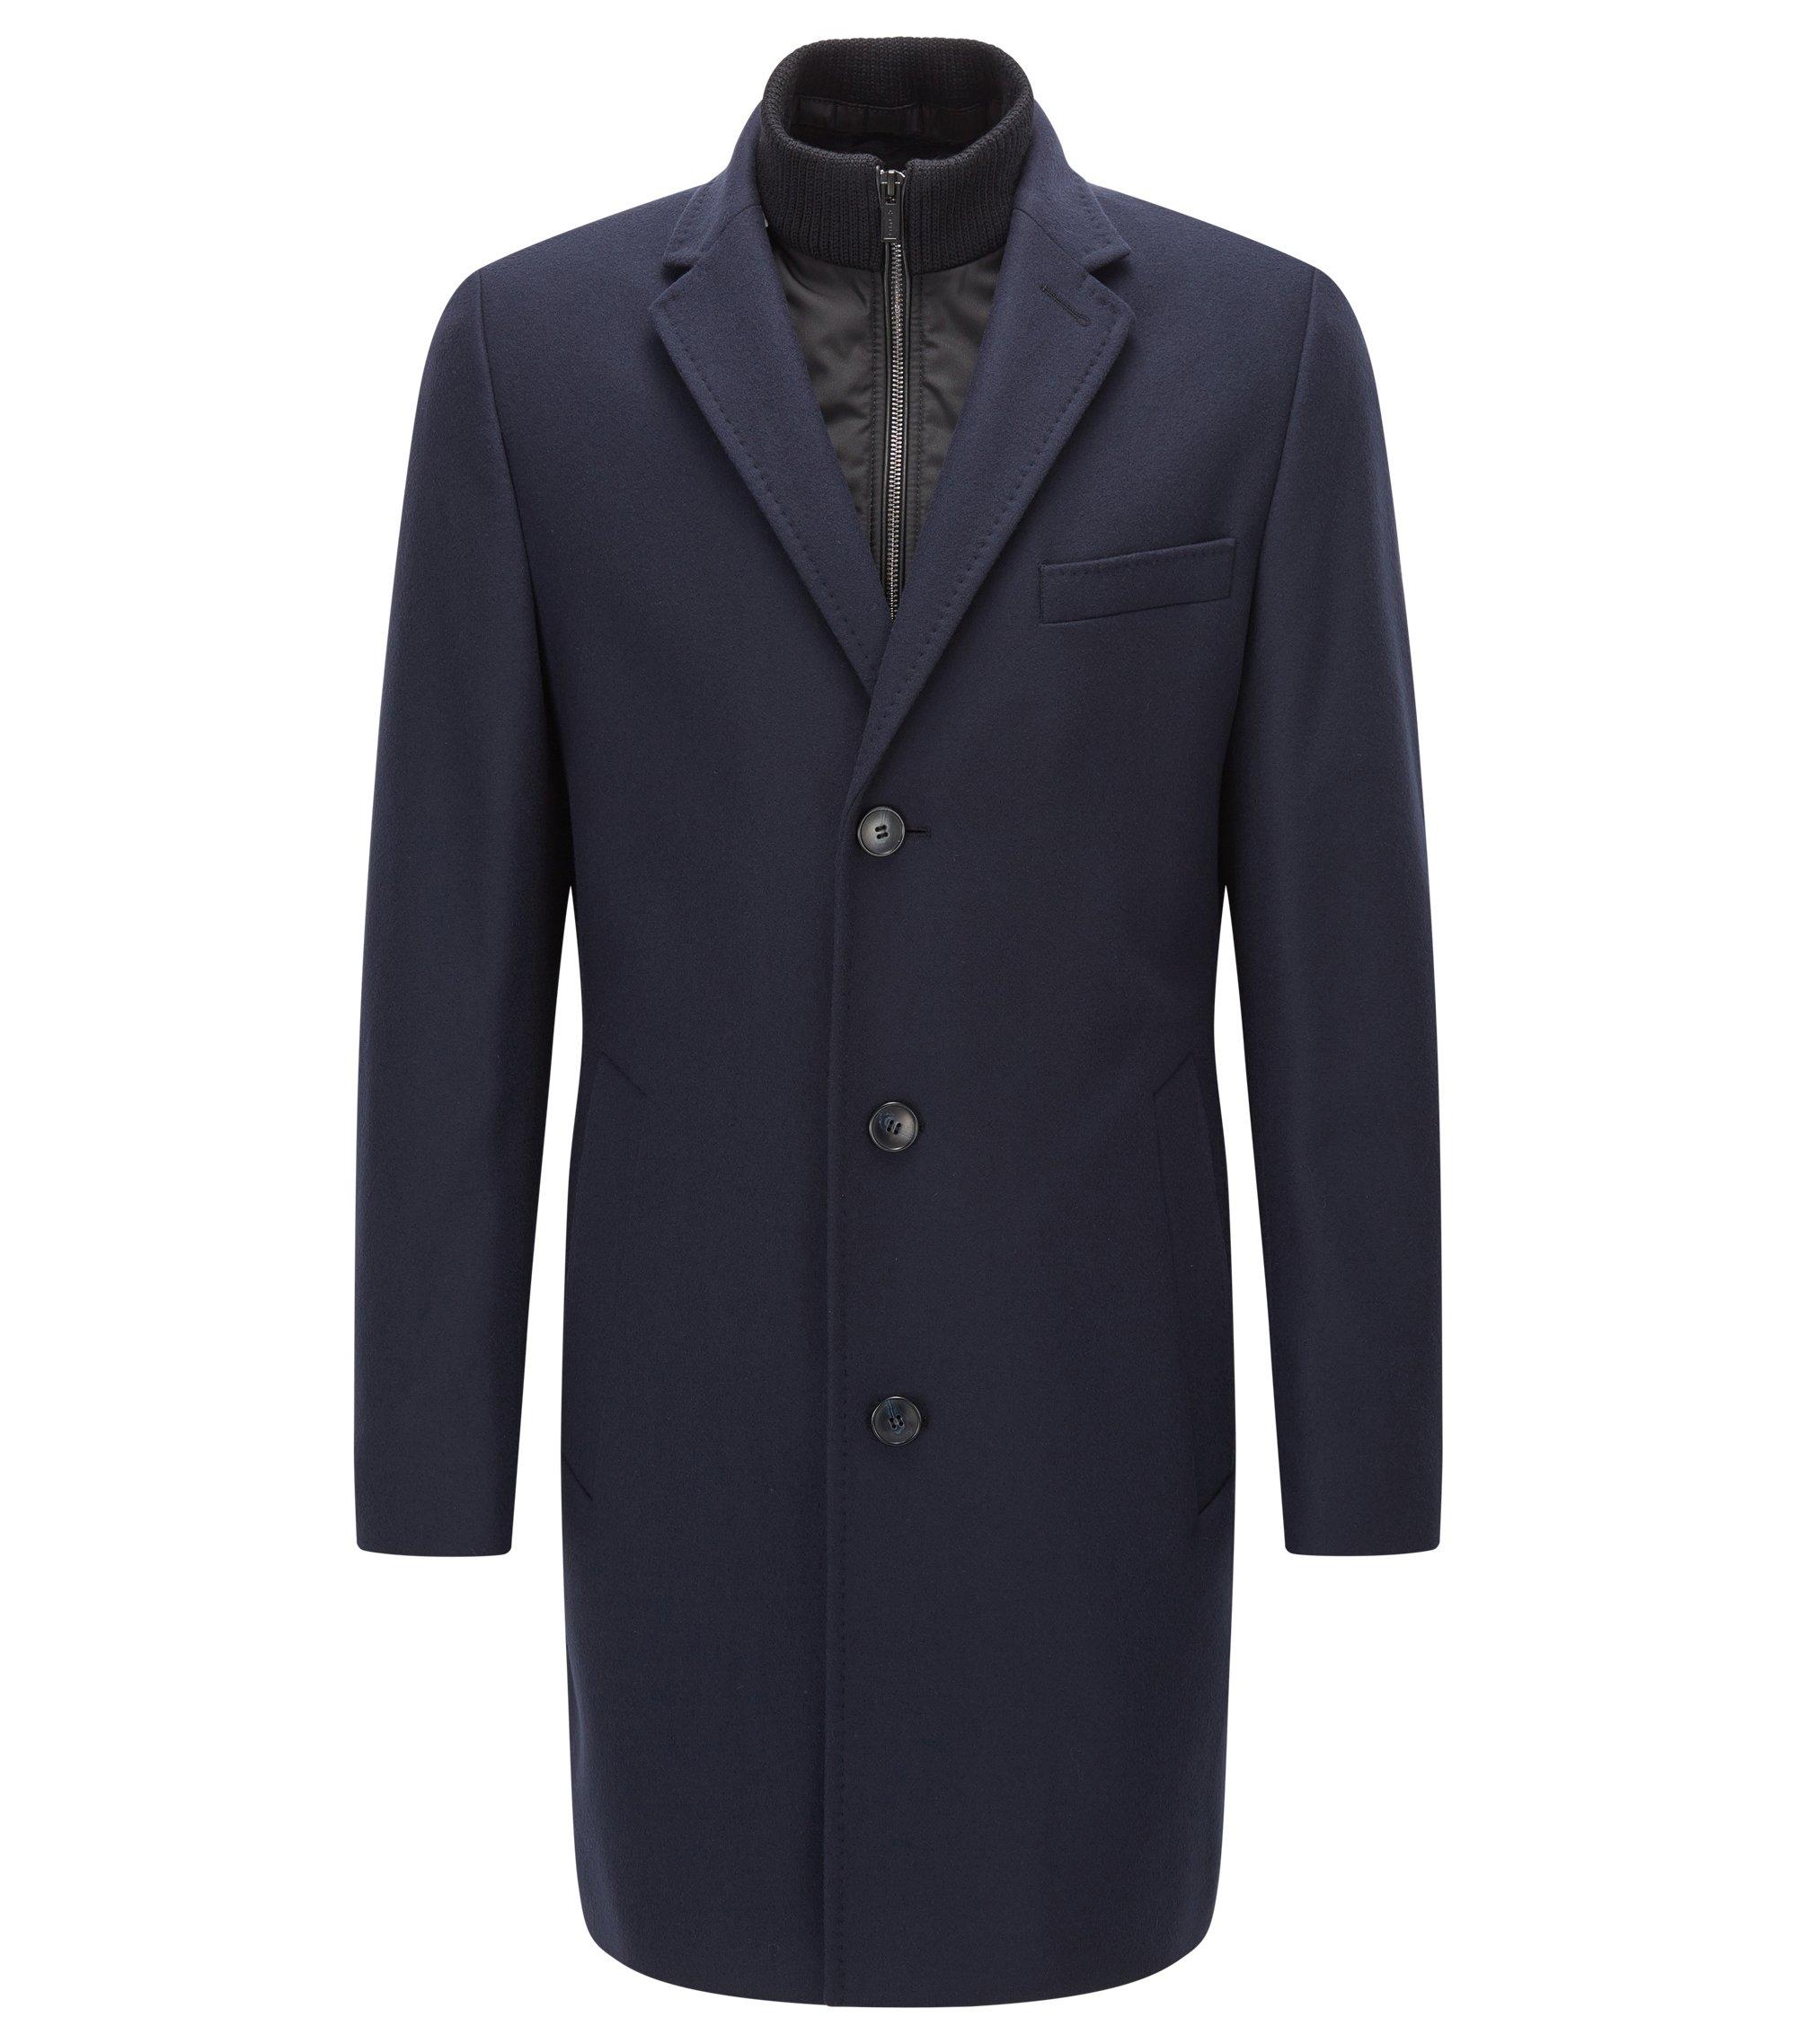 Pardessus Regular Fit en laine mélangée à col mao zippé, Bleu foncé